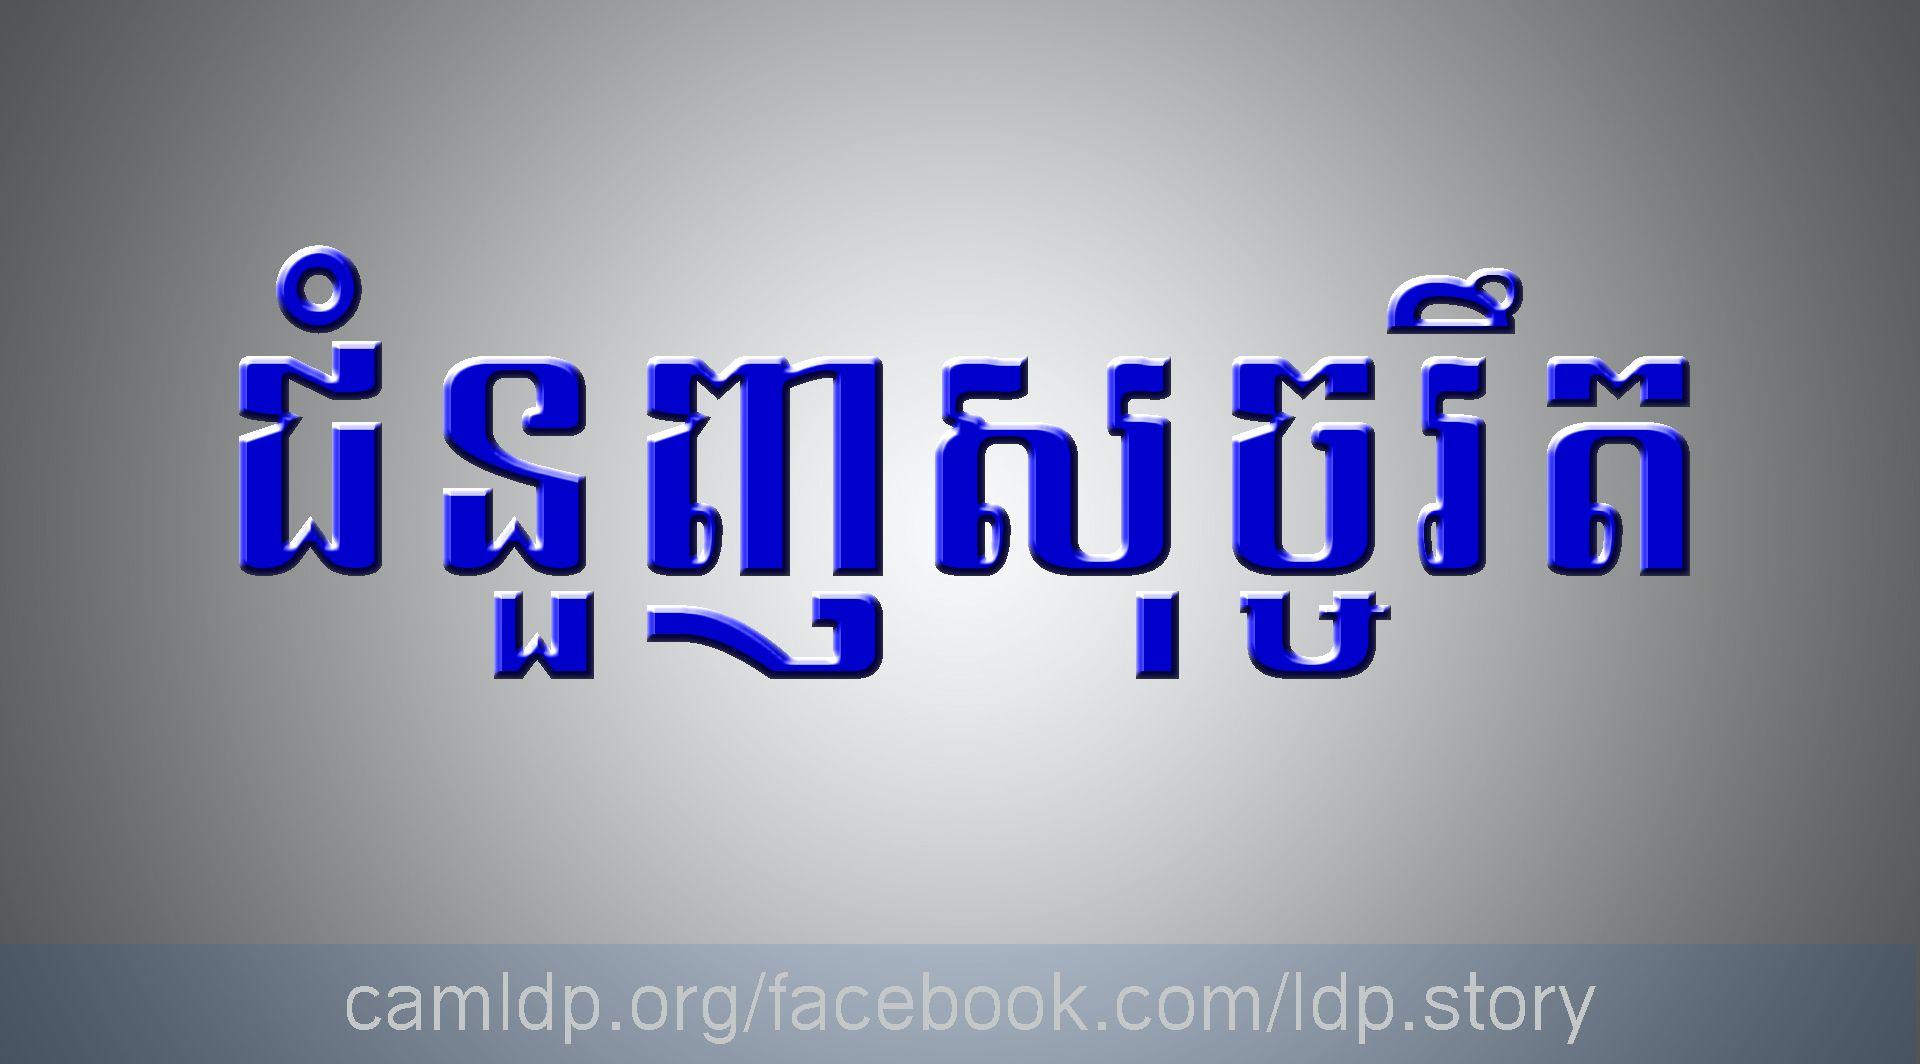 LDP - Khem Veasna Speech, Honest Business, https://www.youtube.com/watch?v=pVPAEbBGlJo